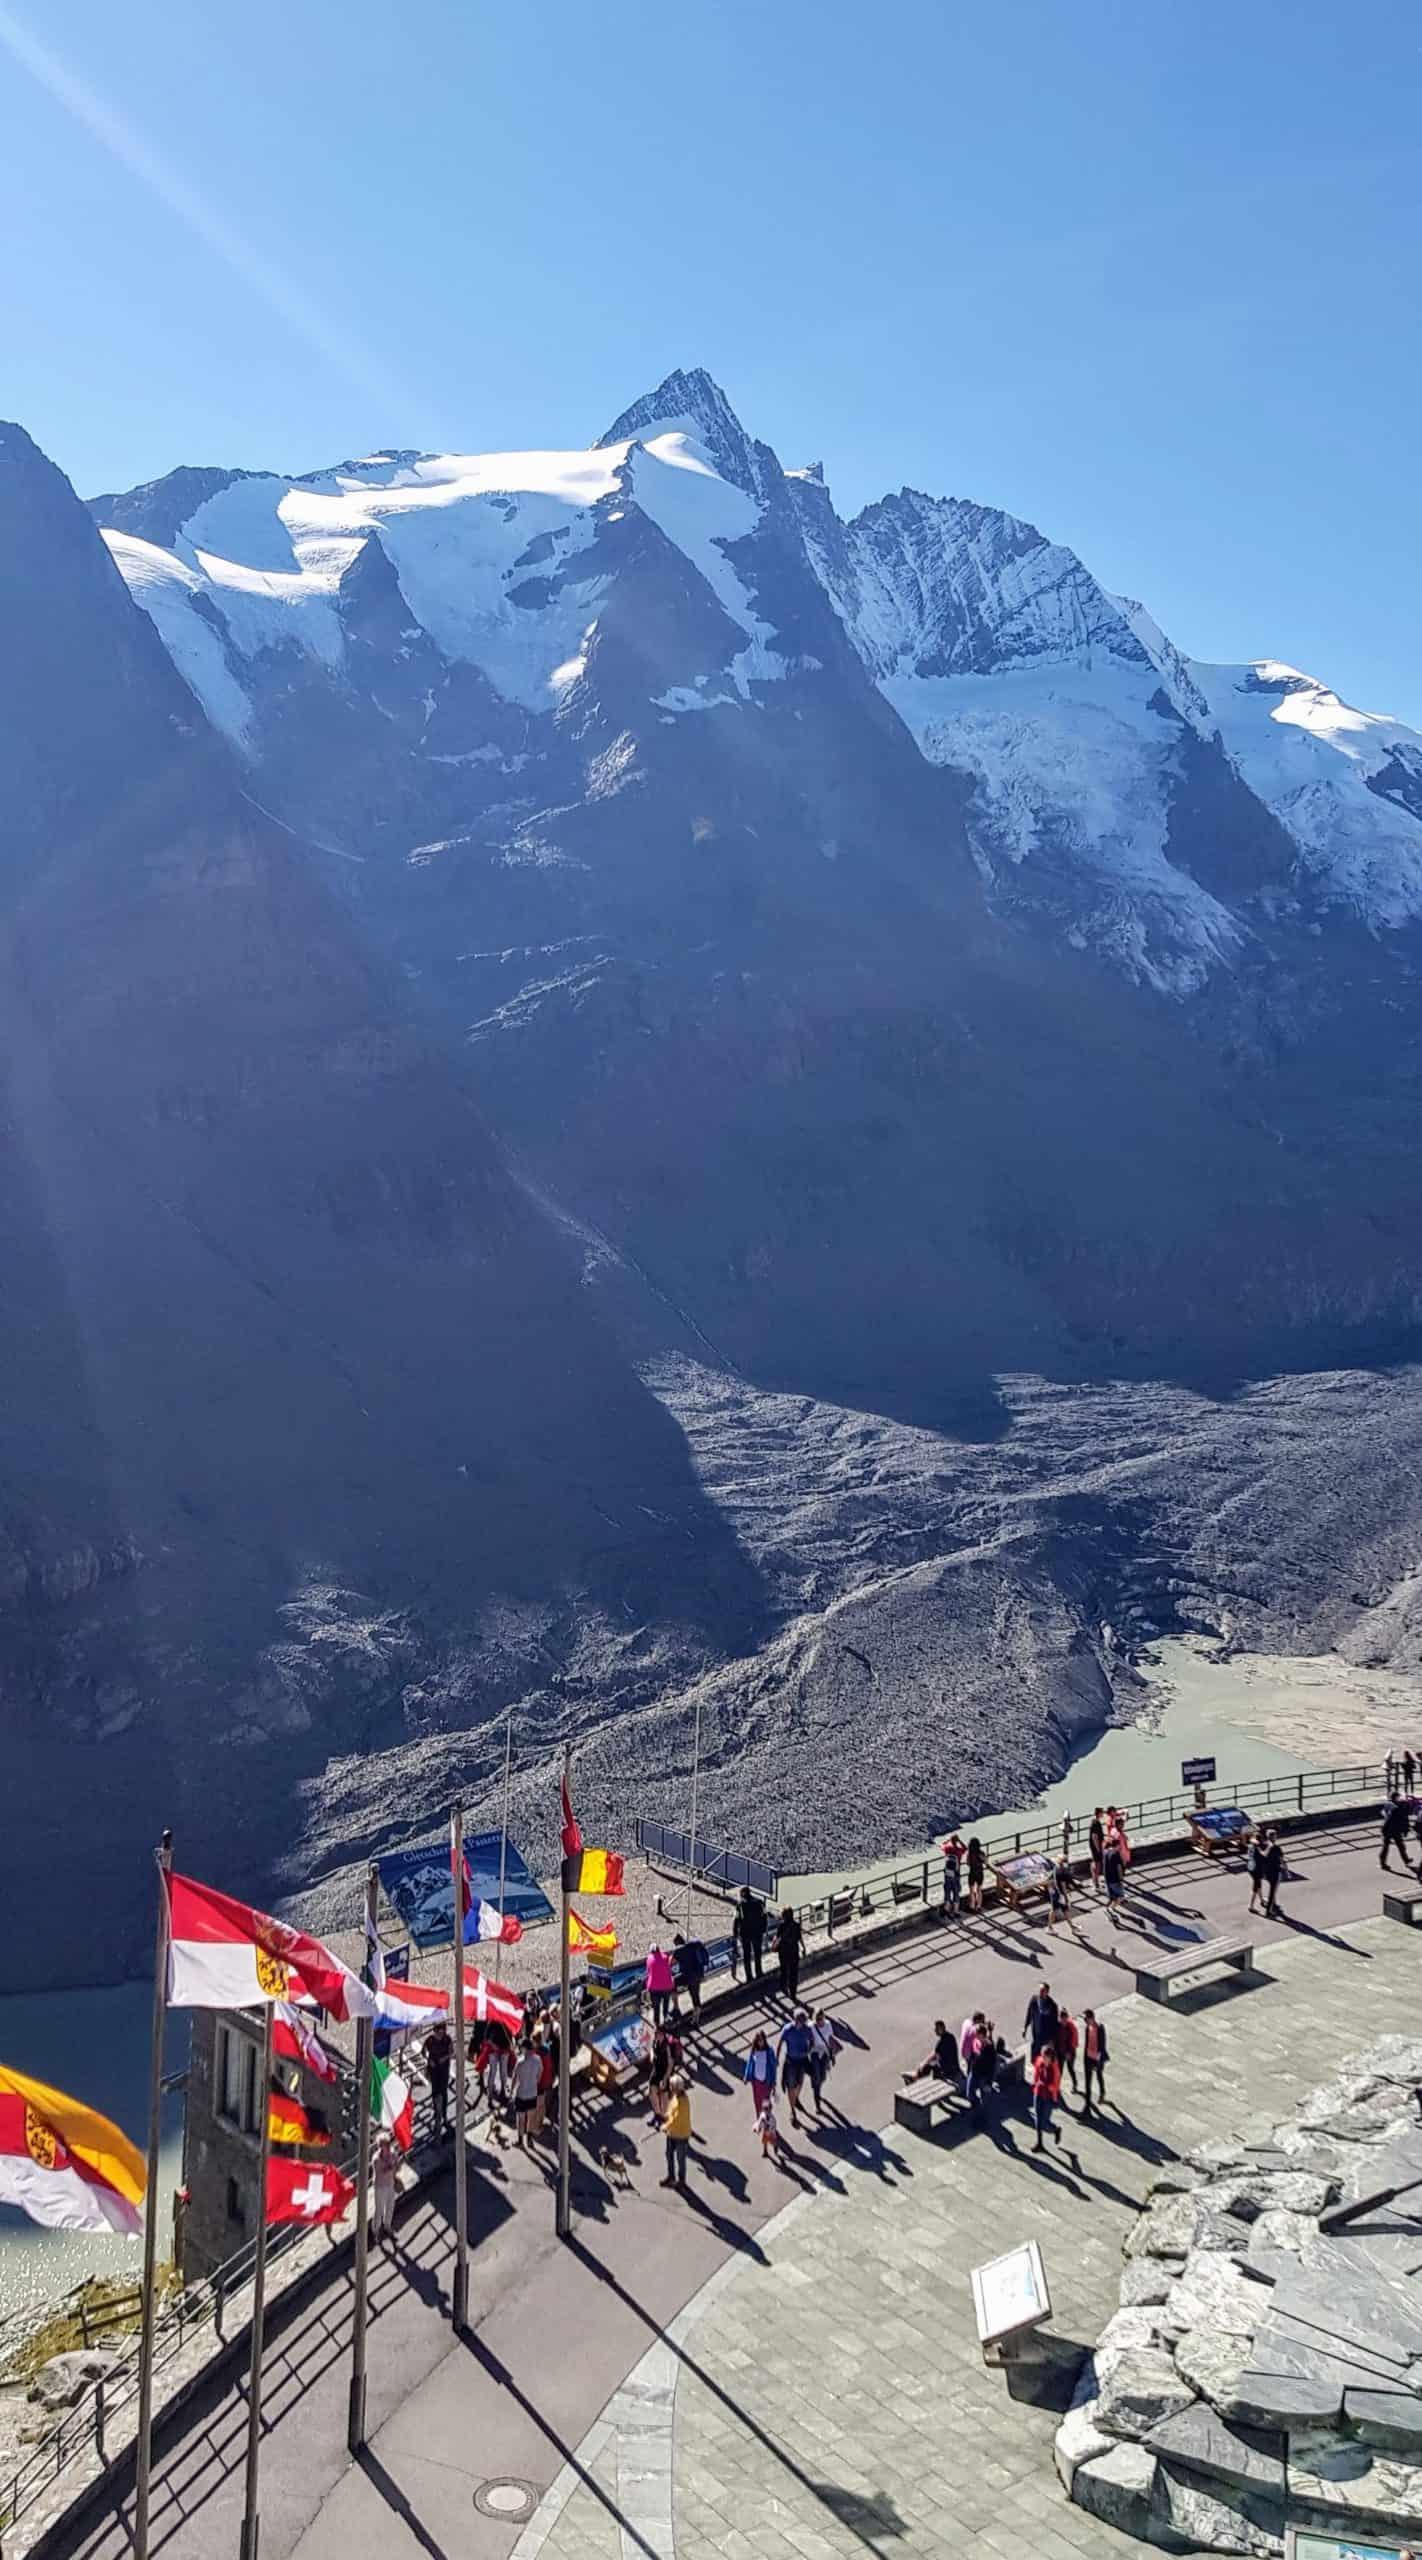 Blick auf Gletschersee & Großglockner bei Besucherzentrum Kaiser Franz Josefs Höhe Nähe Heiligenblut auf Großglockner Hochalpenstraße in Österreich.